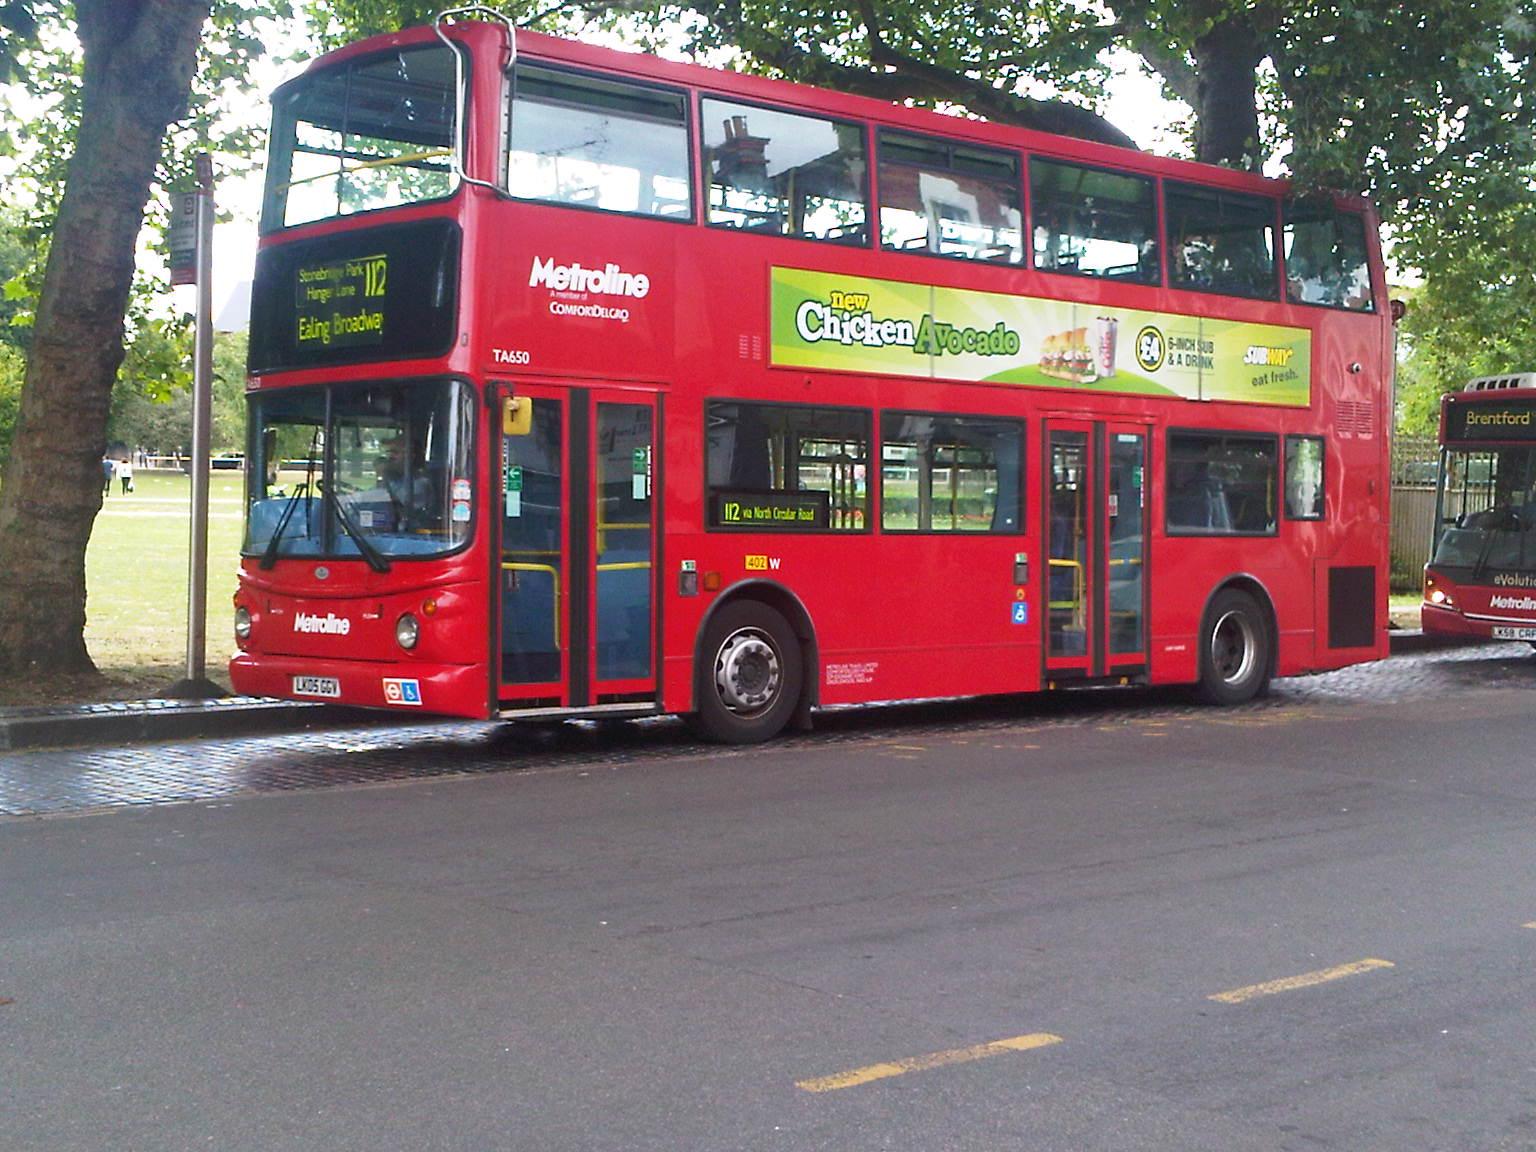 Metroline Bus Routes In London Wiki Fandom Powered By